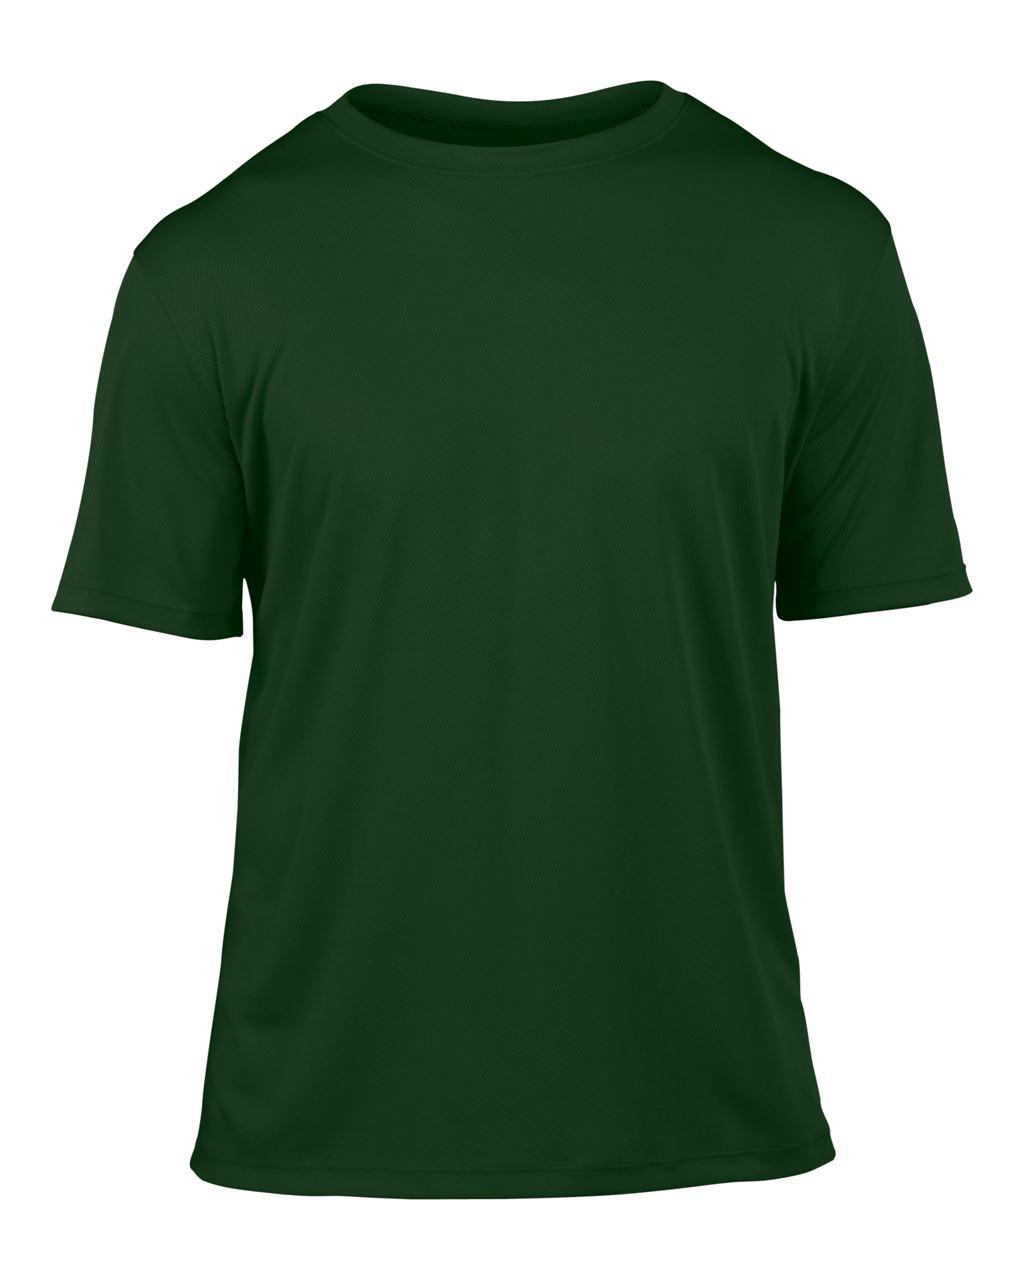 Custom Athletic Shirts No Minimum | Saddha